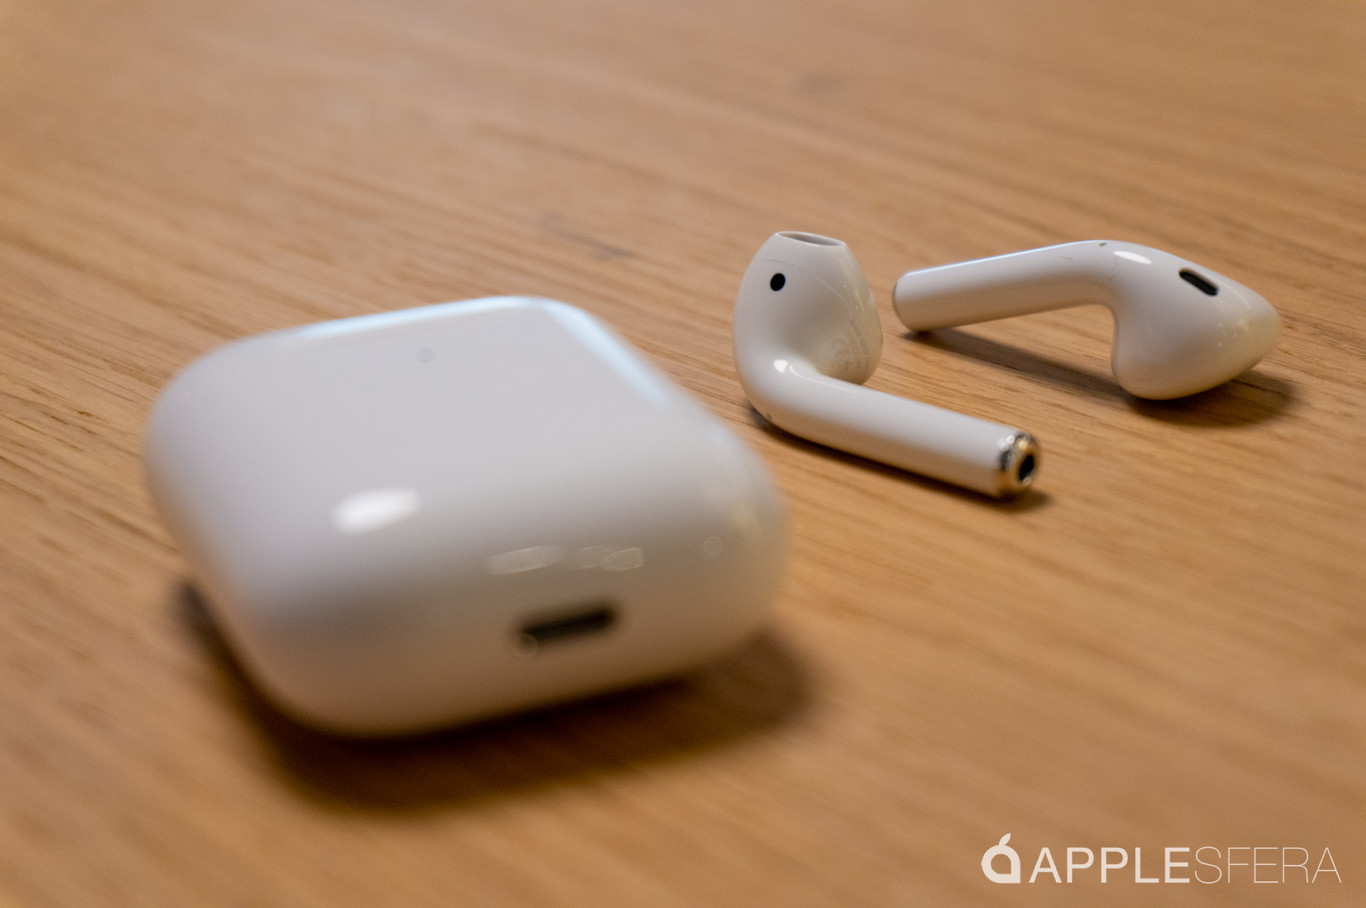 AirPods 2 por 155 euros, iPhone SE reacondicionado por 180 euros y iPhone XR por 631 euros. Cazando Gangas